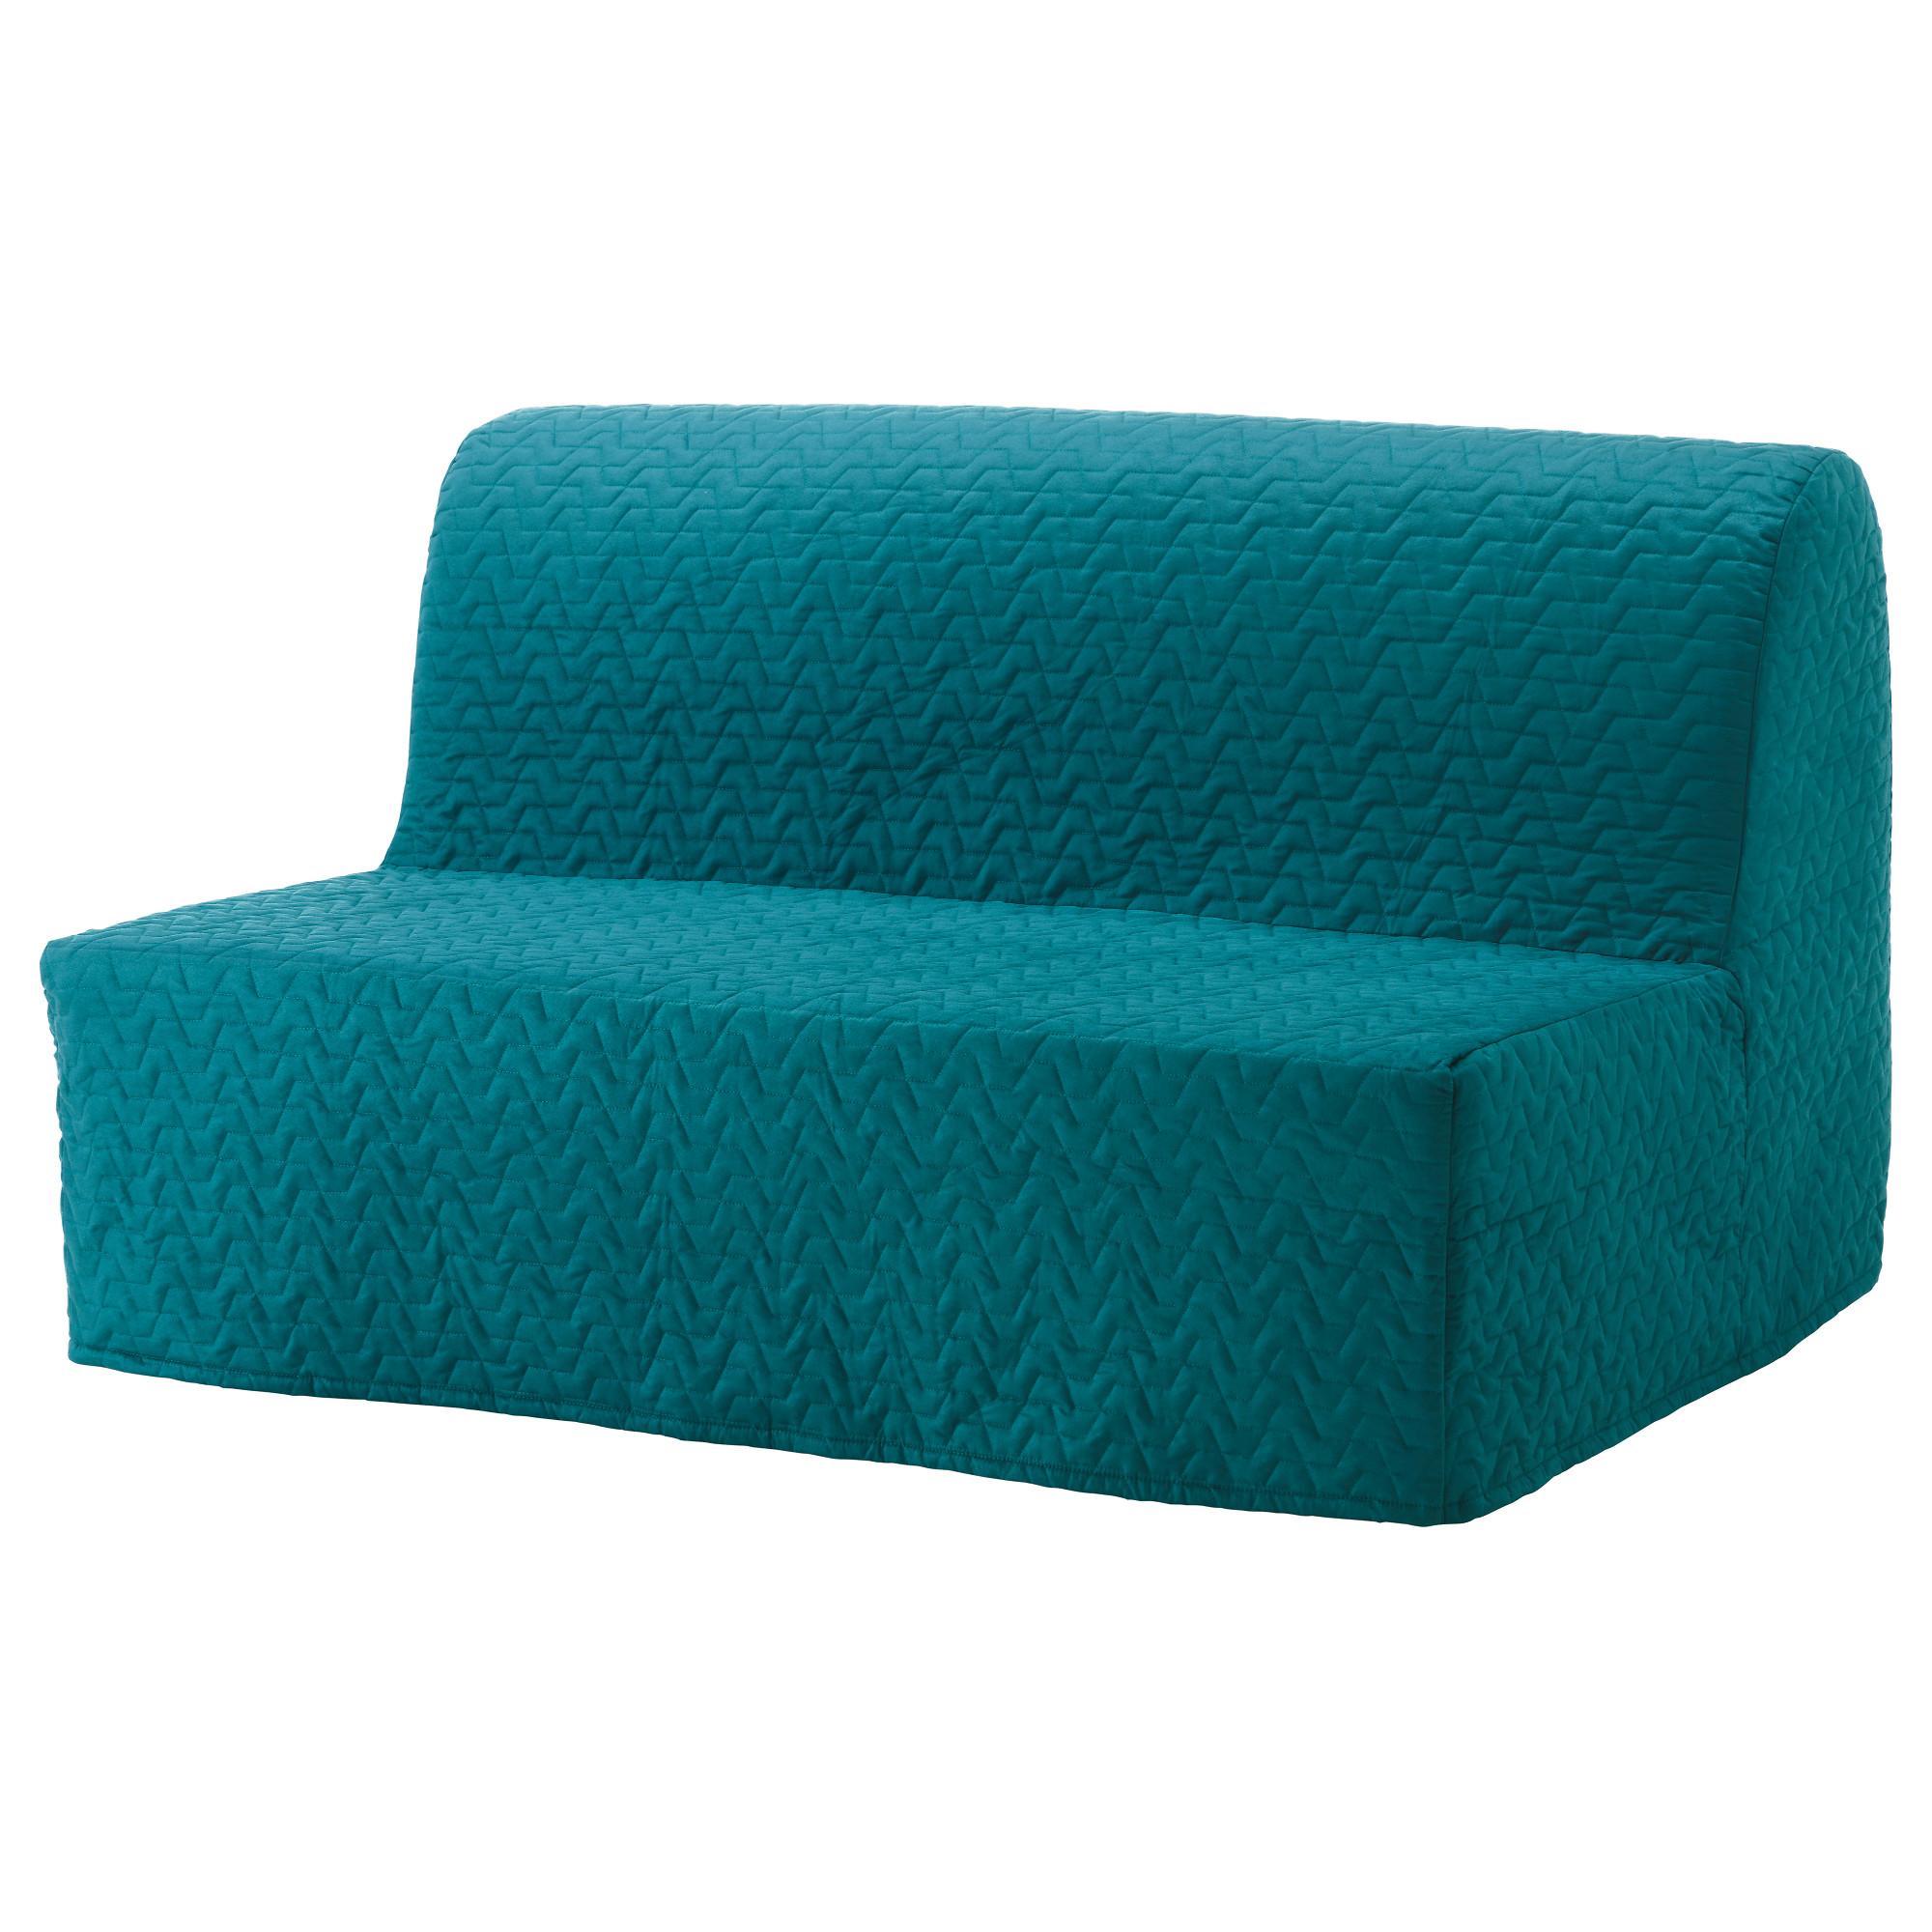 2-местный диван-кровать ЛИКСЕЛЕ МУРБО бирюзовый артикуль № 892.824.21 в наличии. Онлайн каталог IKEA Беларусь. Недорогая доставка и установка.